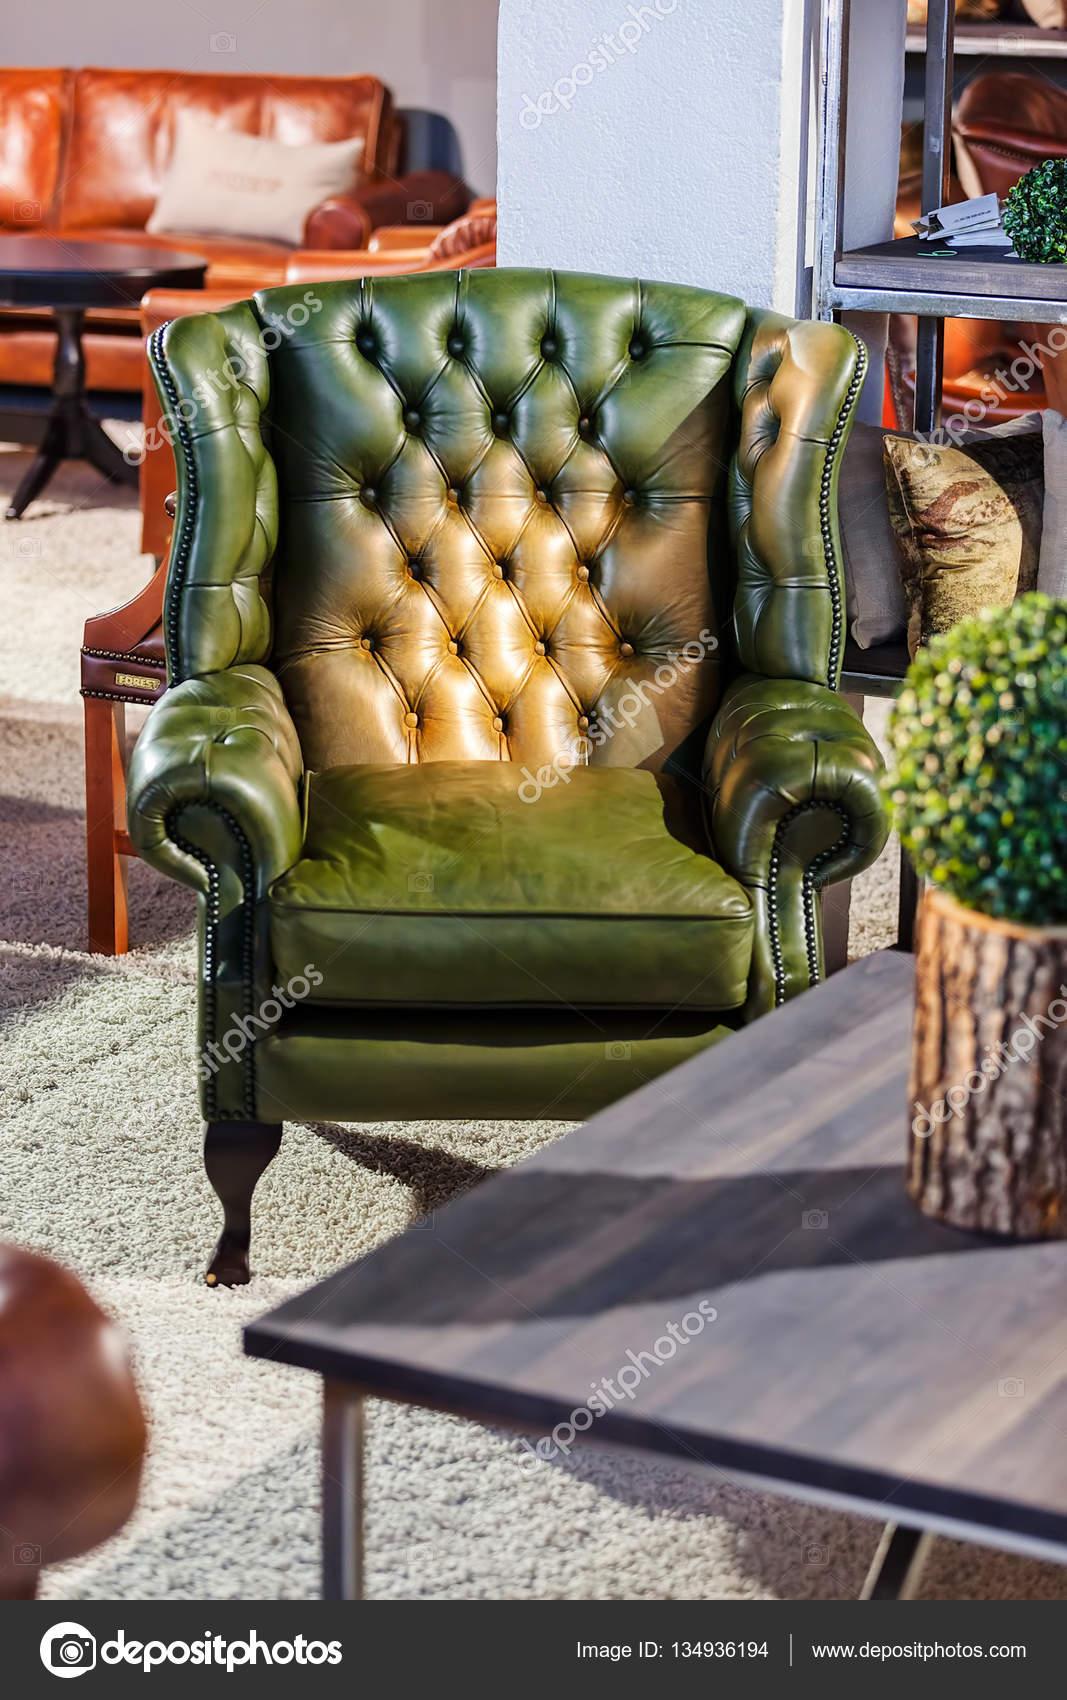 Malerisch Außergewöhnliche Sessel Foto Von Außergewöhnliche Für Wohnzimmer — Stockfoto